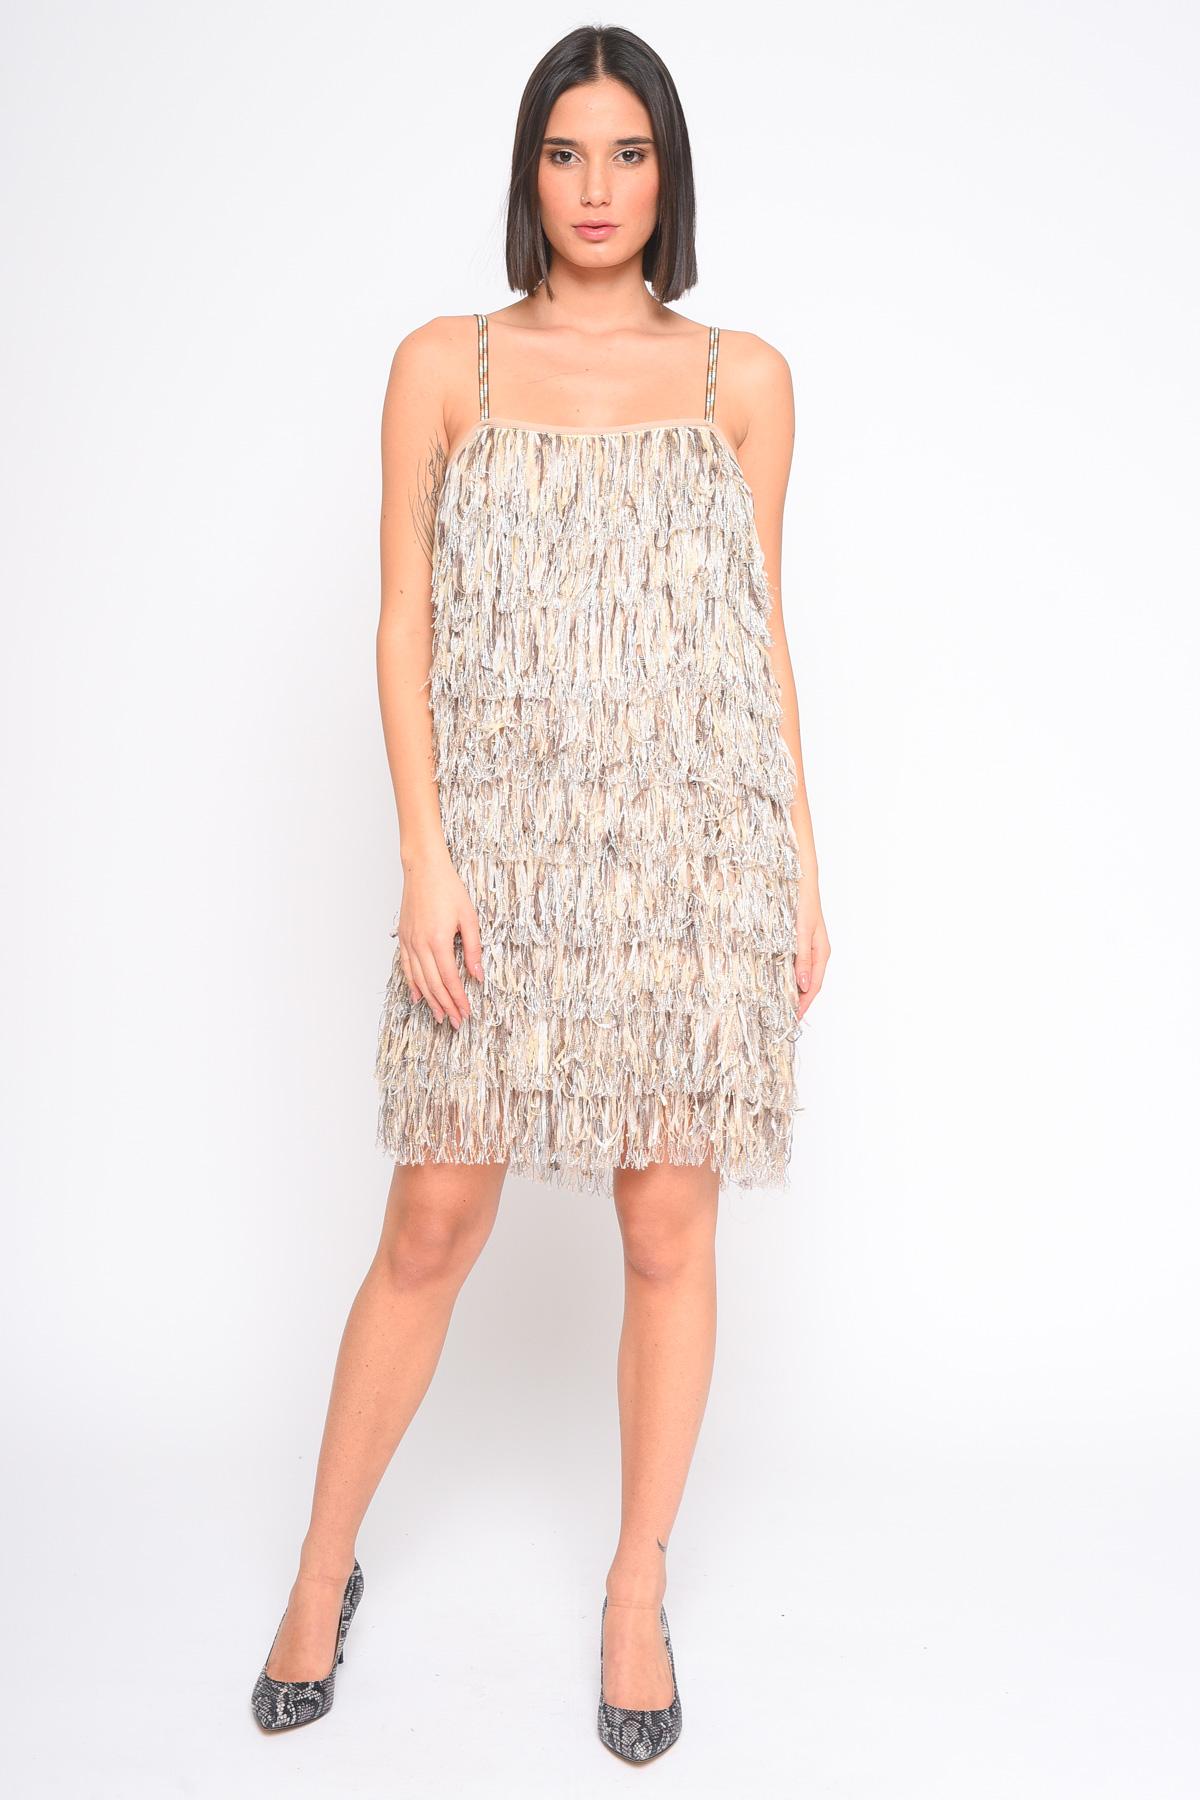 ABITO CON TESSUTO A FRANGE da donna - BEIGE - Paquito Pronto Moda Shop Online